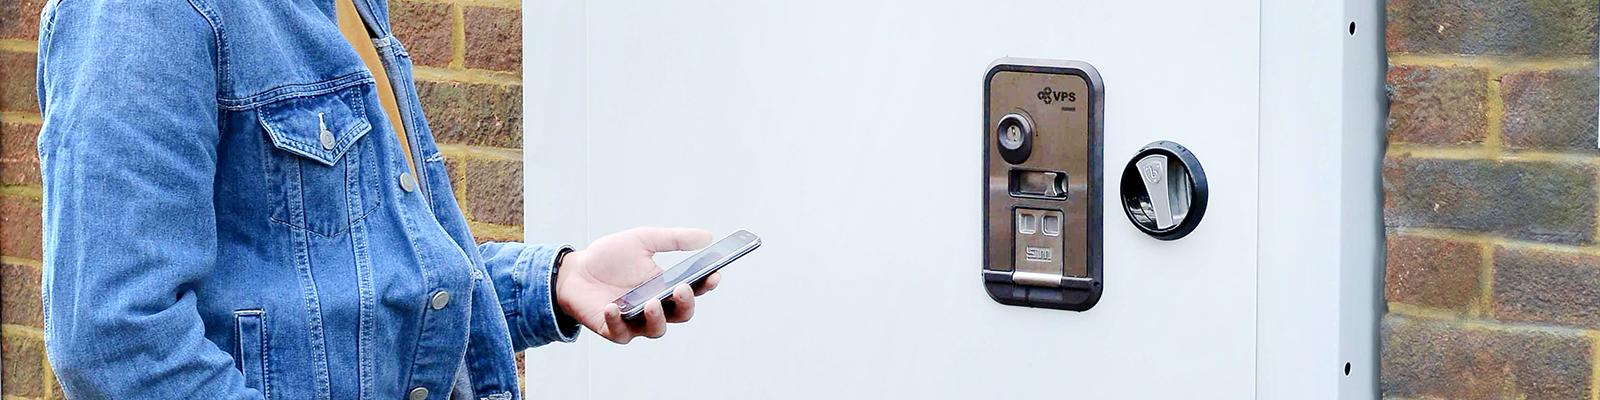 Das Verbaute Bluetooth Vps Smartlock Erlaubt Eine Intuitive Ent Und Verriegelung